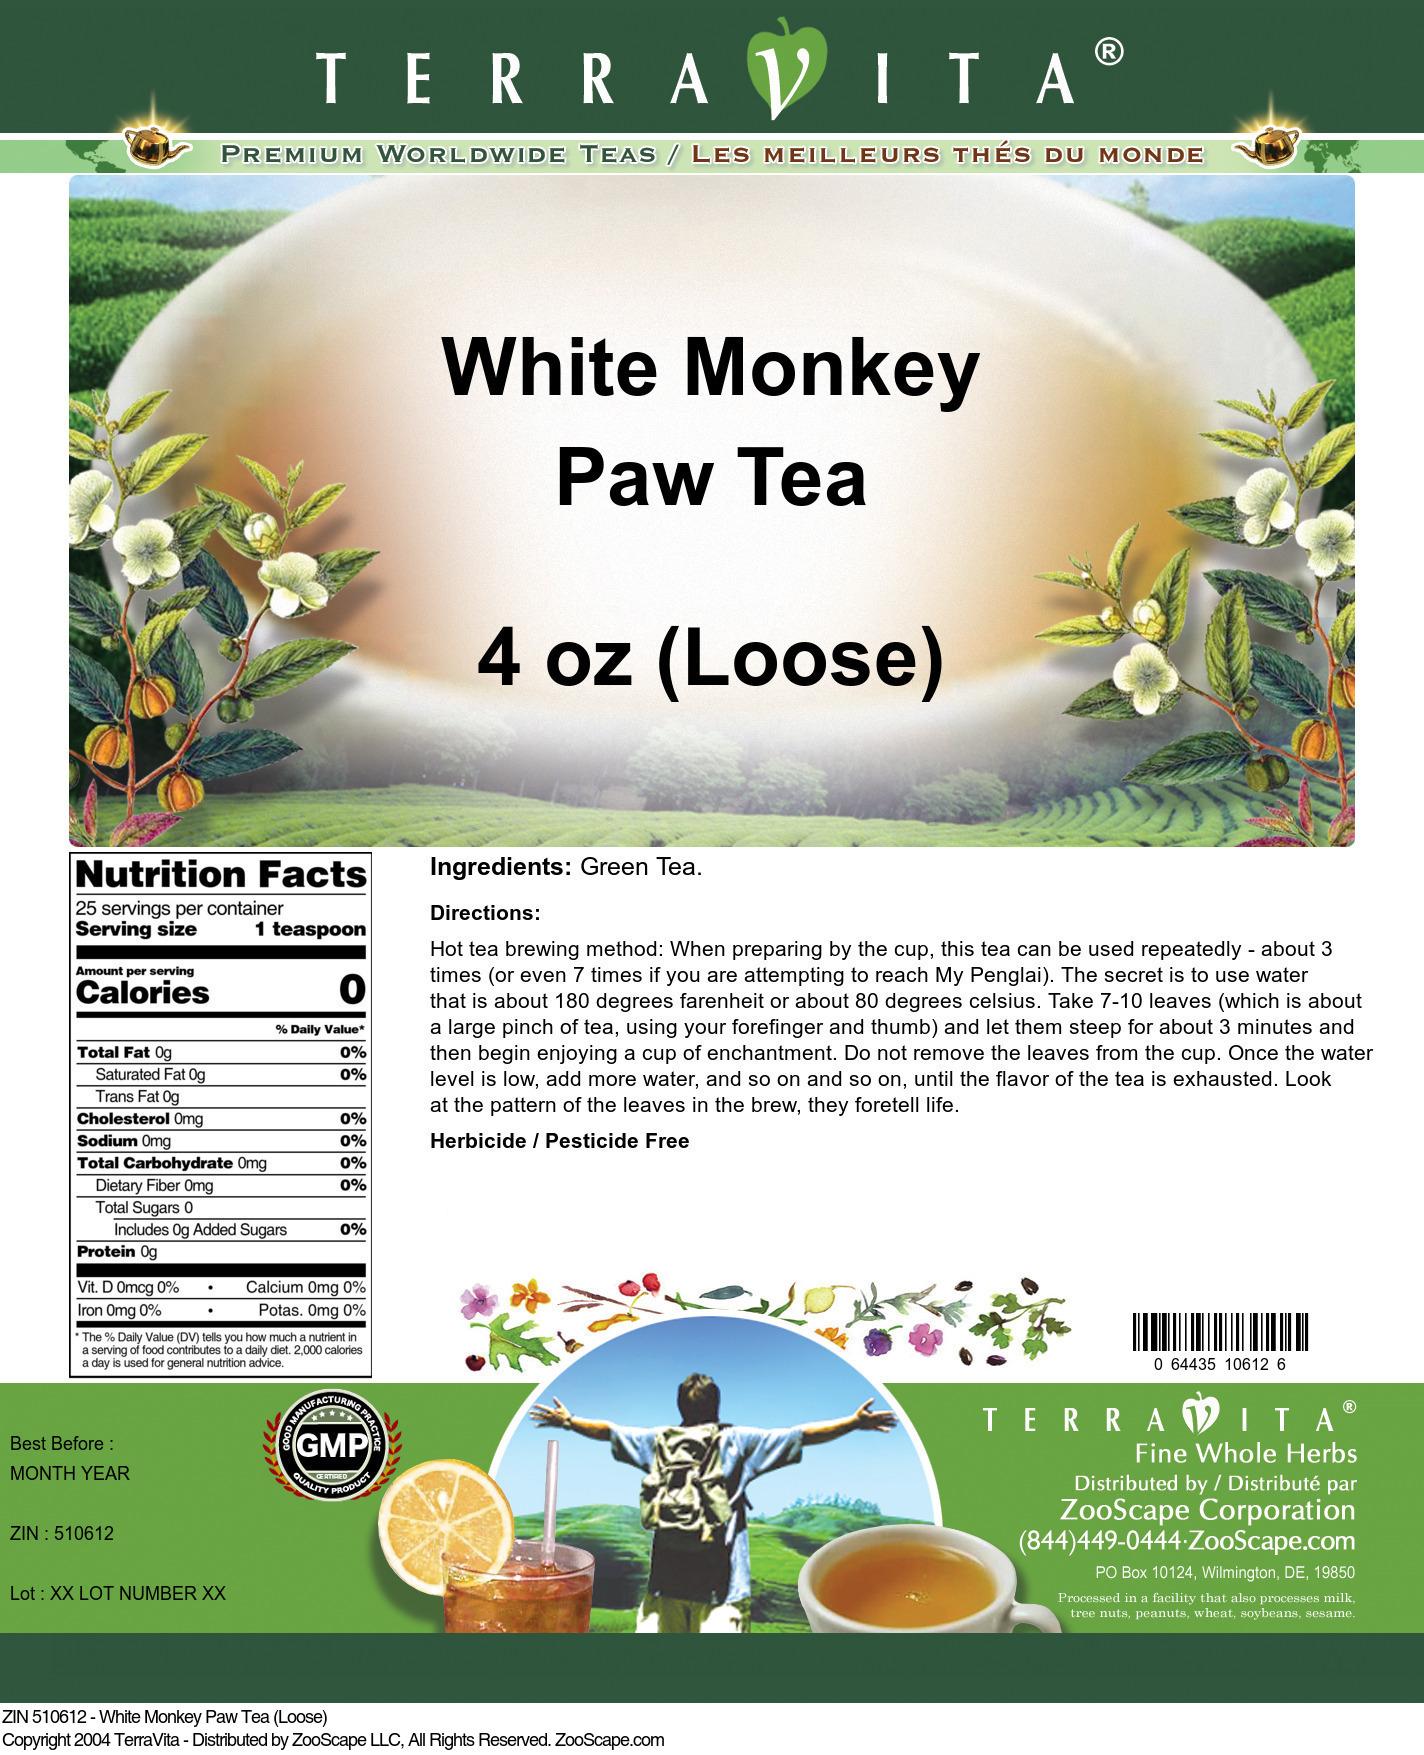 White Monkey Paw Tea (Loose)